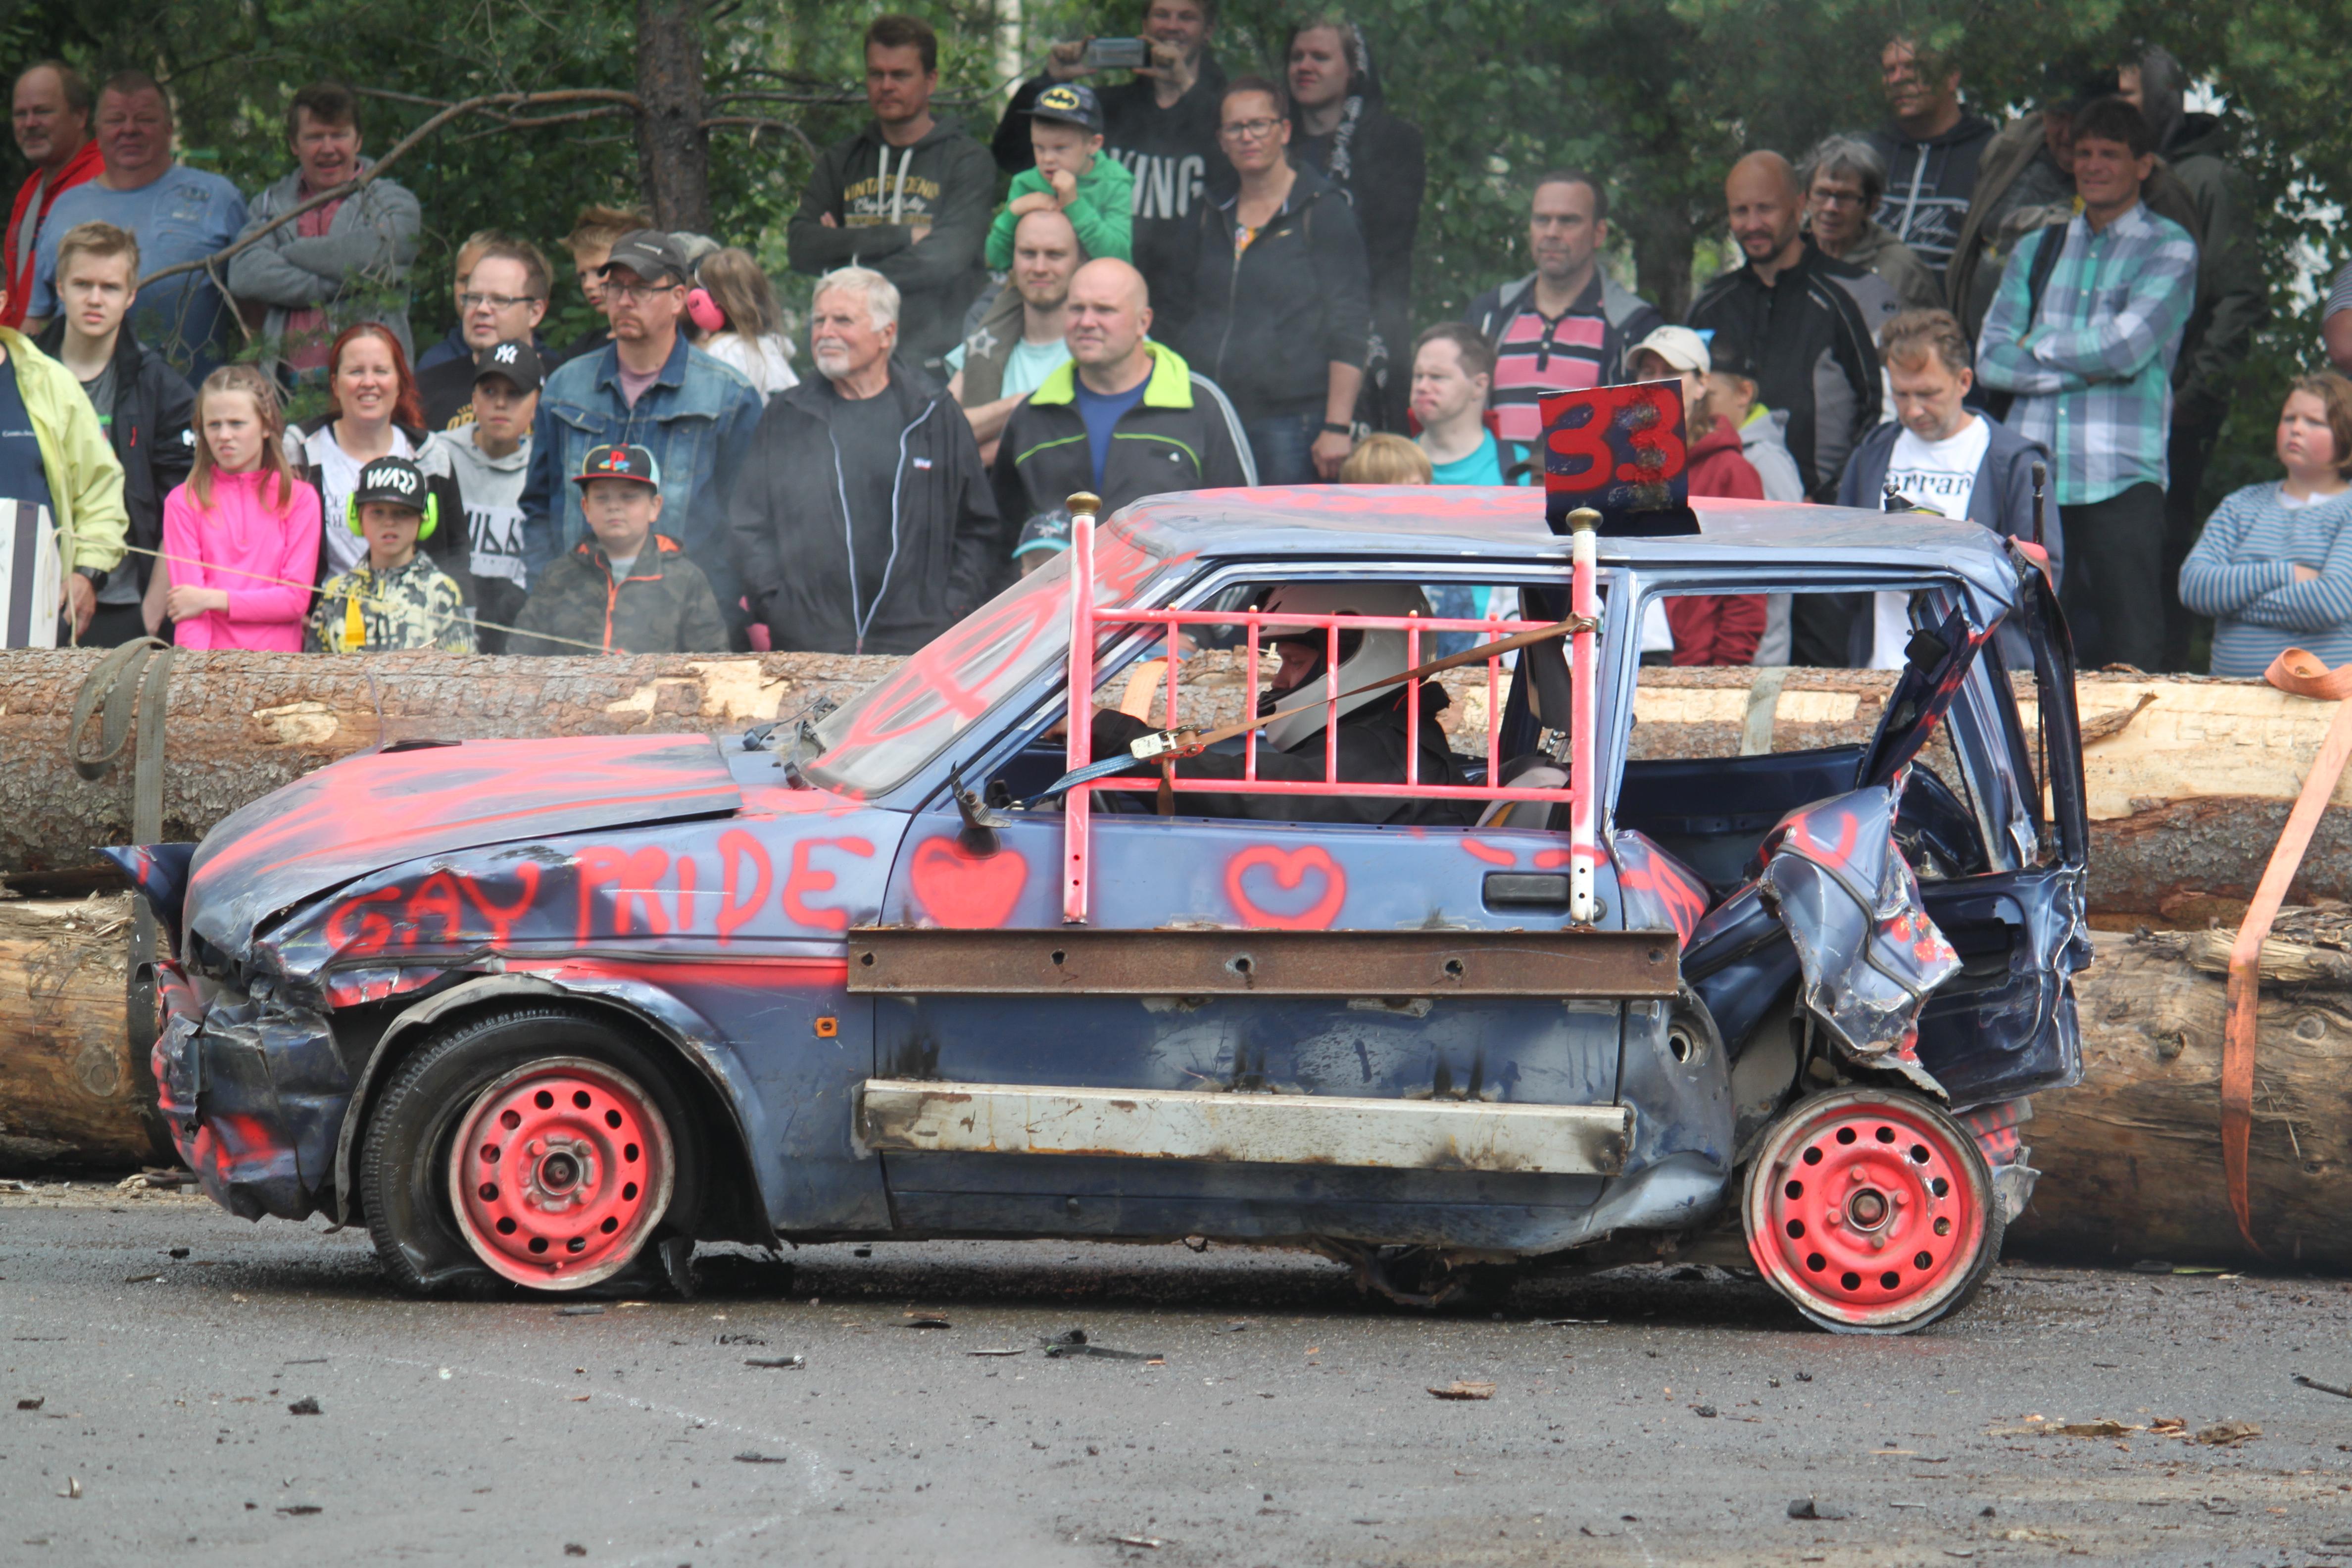 Autossa numero 33 oli sanomaa. Kuva: Annika Eronen